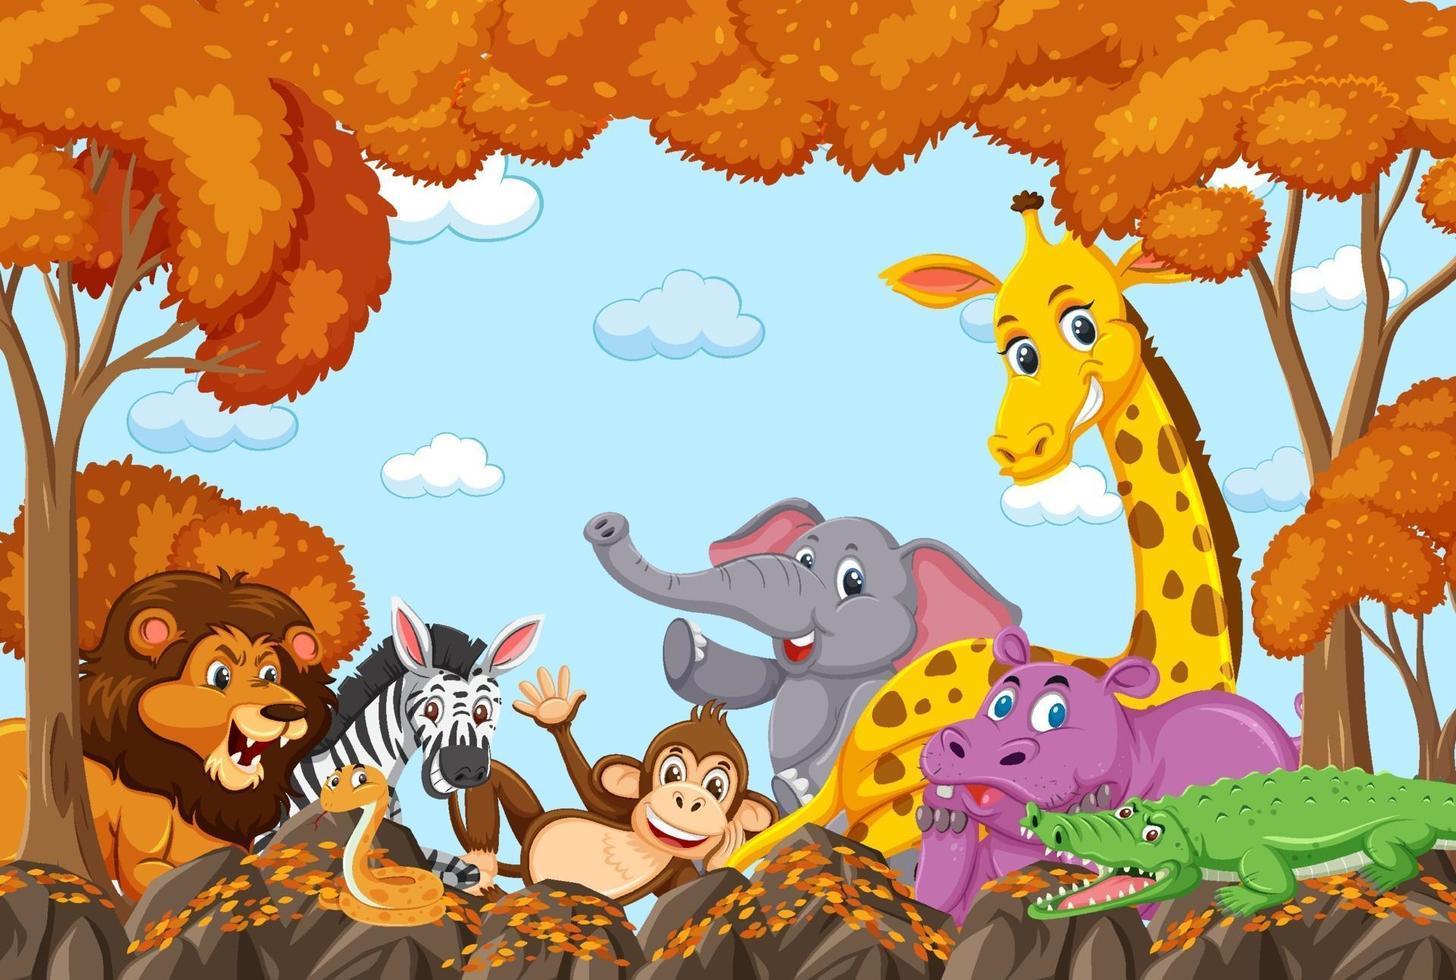 groupe d & # 39; animaux sauvages dans la scène de la forêt d & # 39; automne vecteur